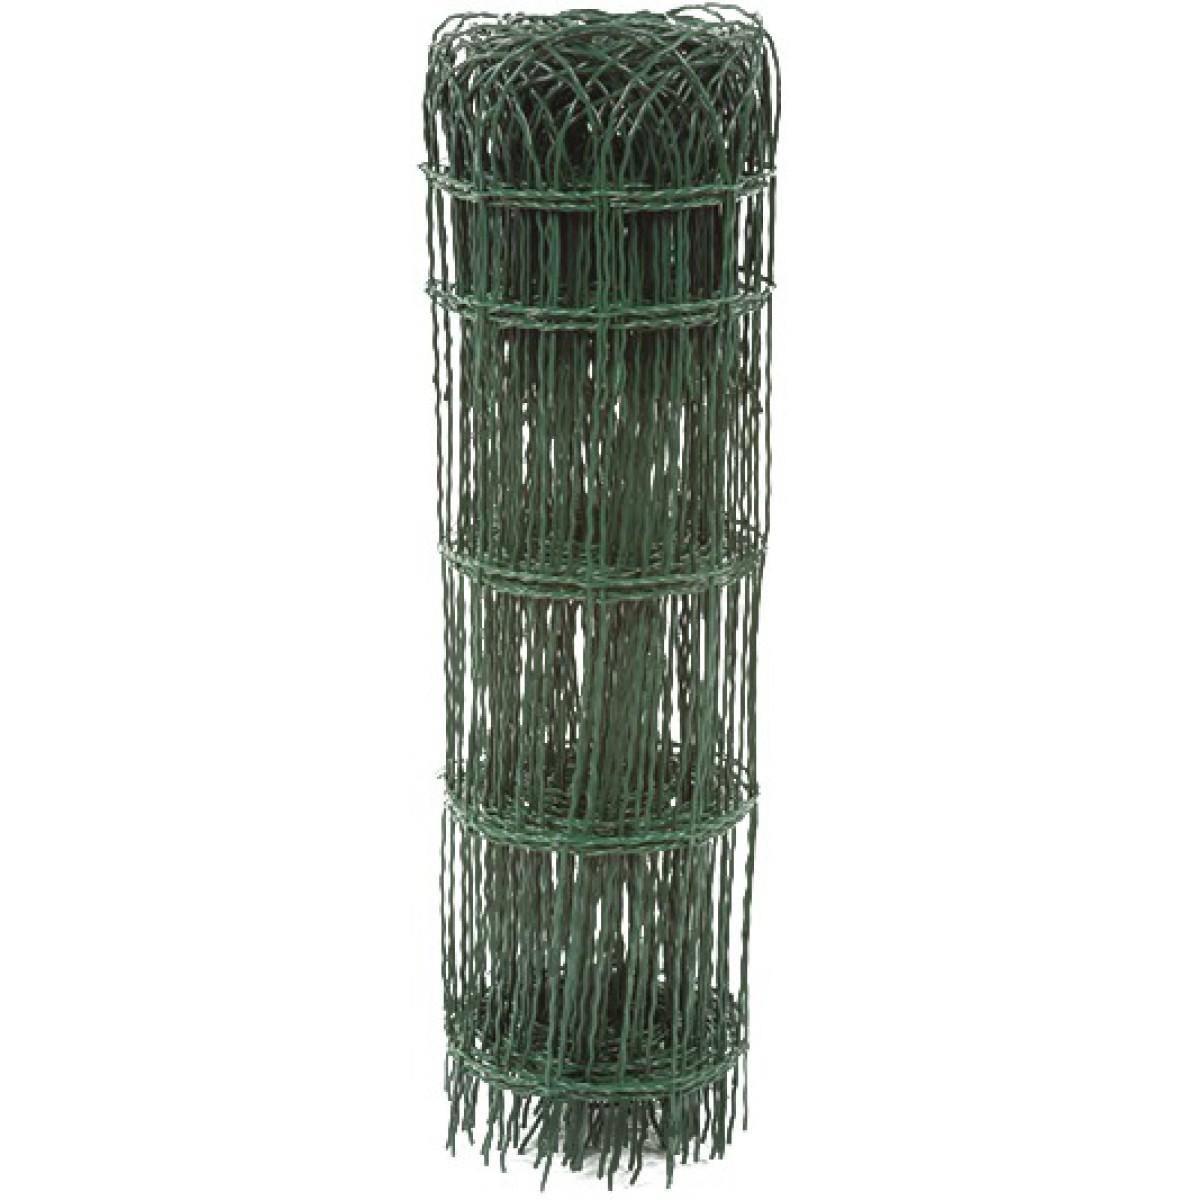 Bordure parisienne grillage plastifié vert Filiac - Hauteur 0,9 m - Longueur 10 m